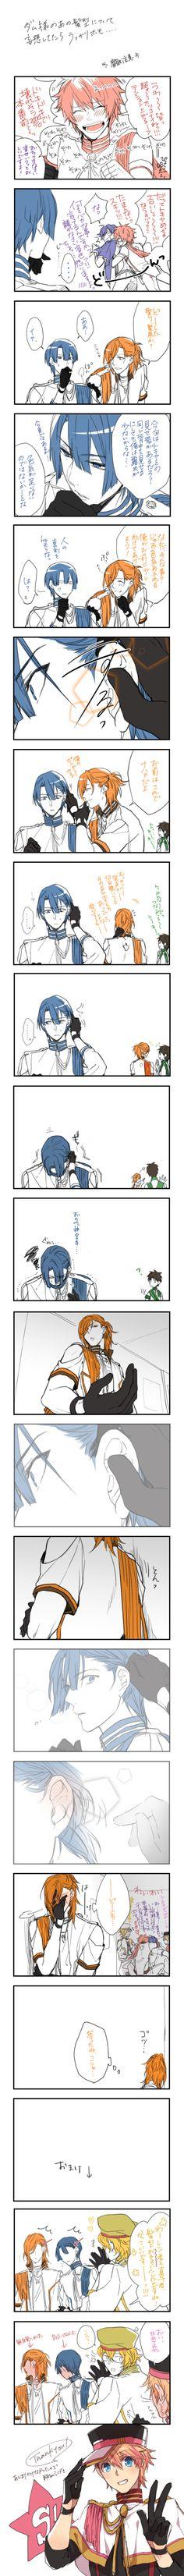 Uta no Prince.sama Comic Strip